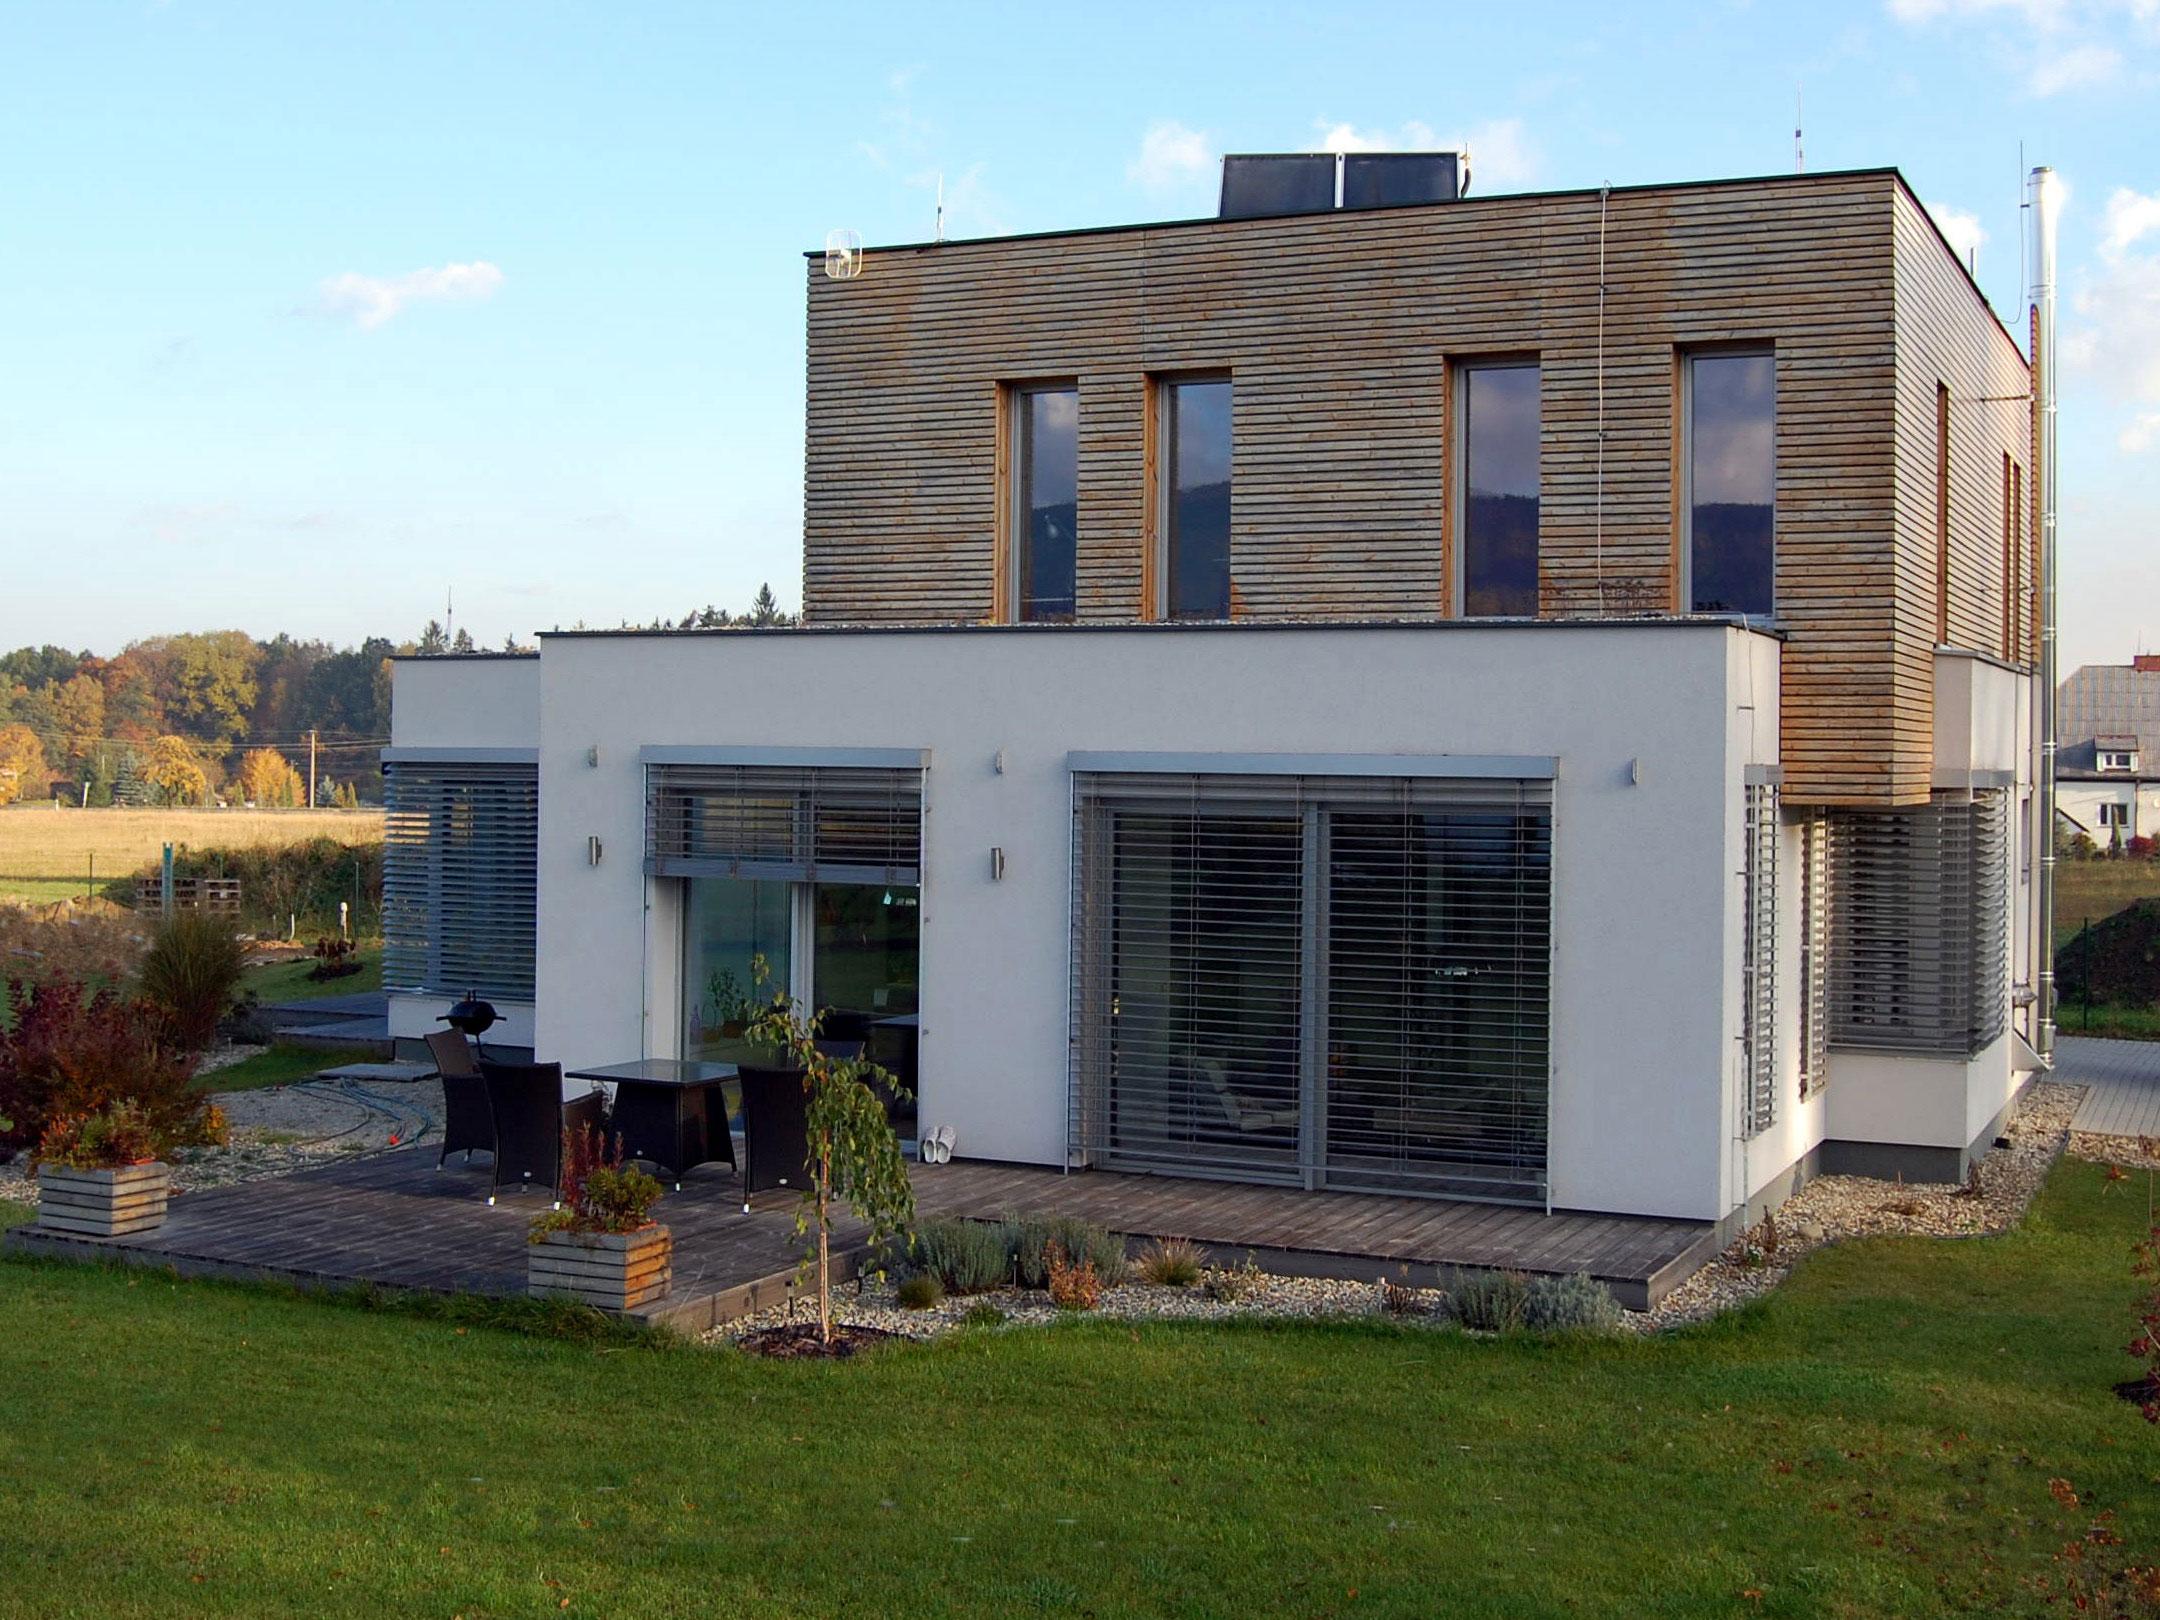 Zdicí systém pro pasivní a nízkoenergetické domy